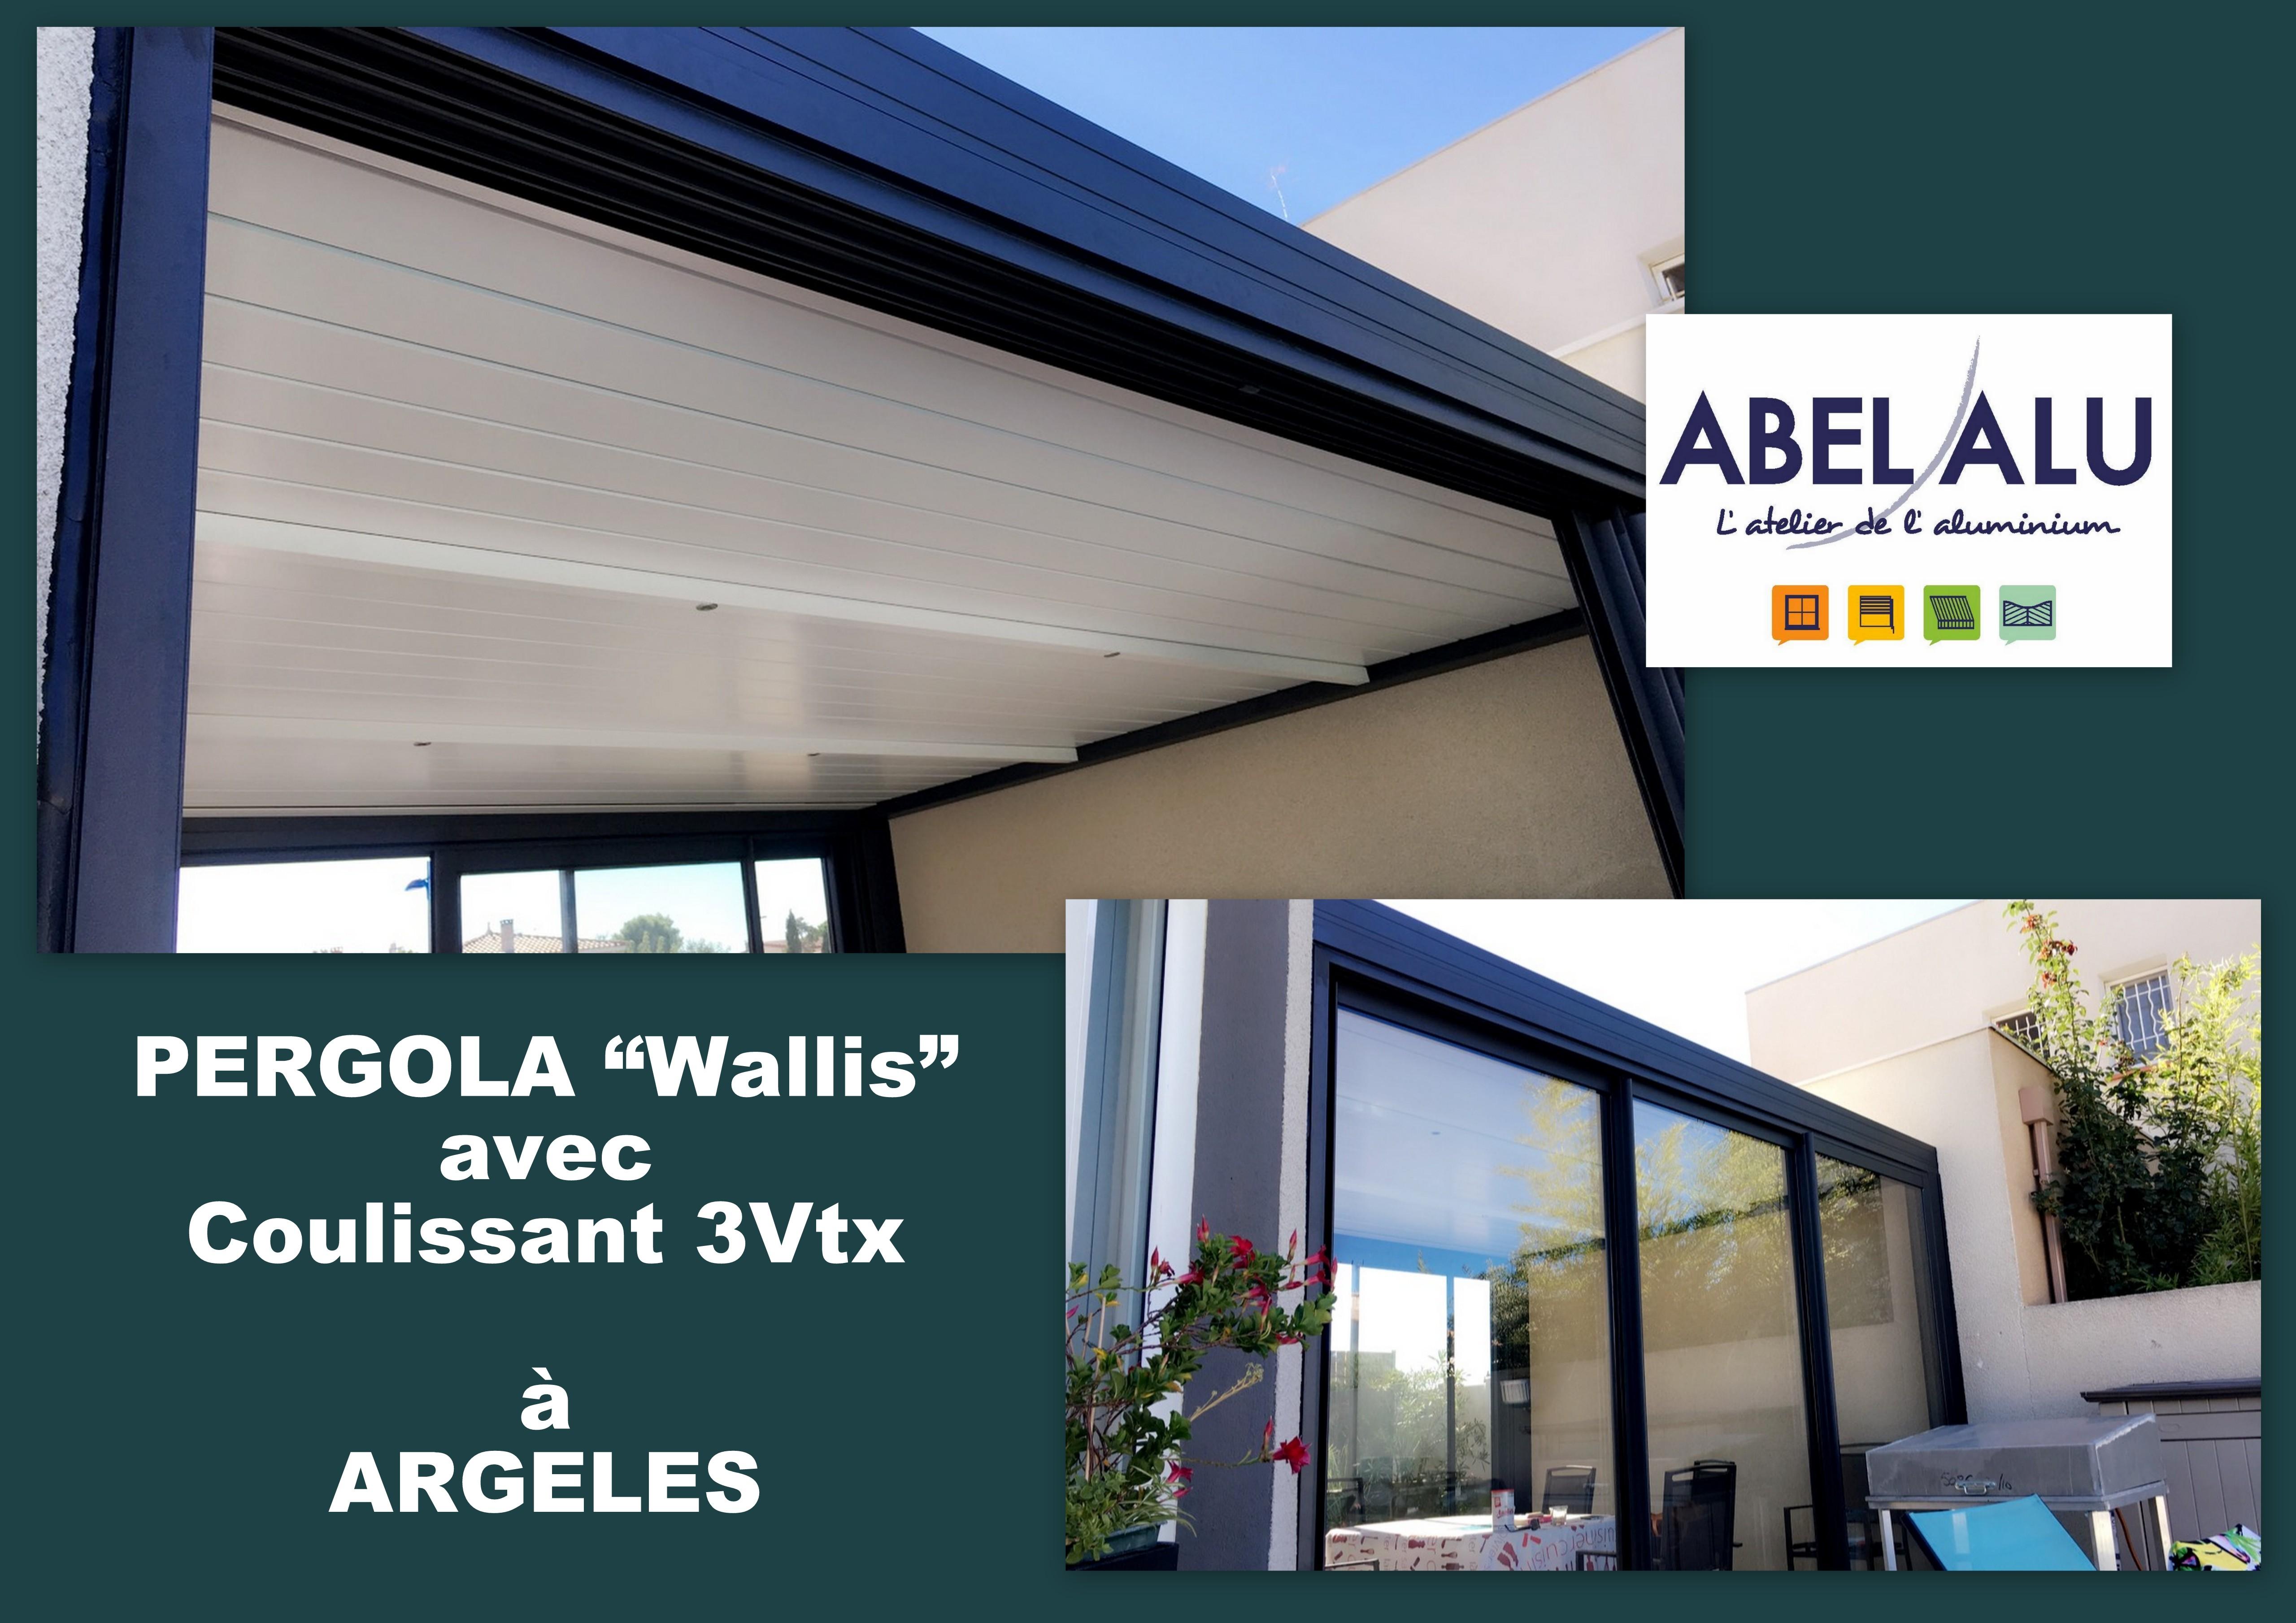 ABEL ALU - PERGOLA Wallis - ARGELES